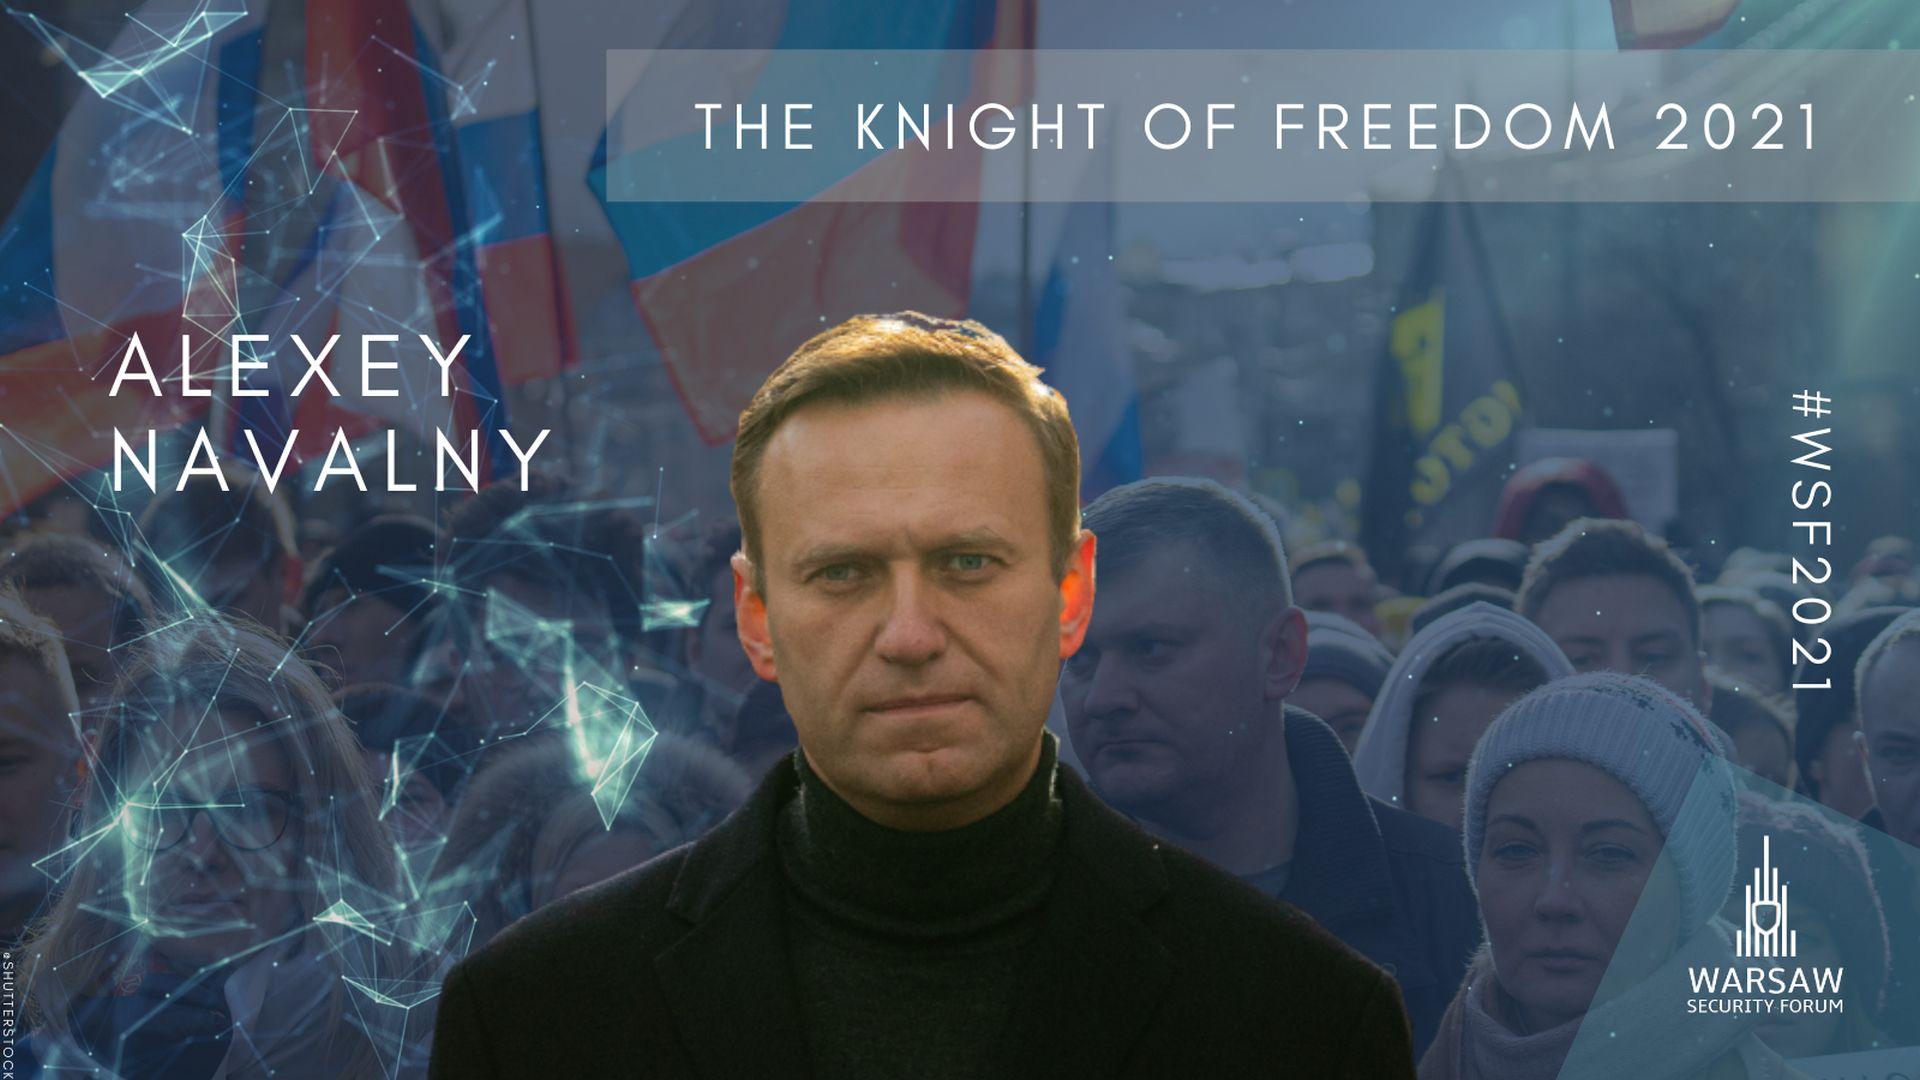 Alexey Navalny – 2021 Knight of Freedom awardee